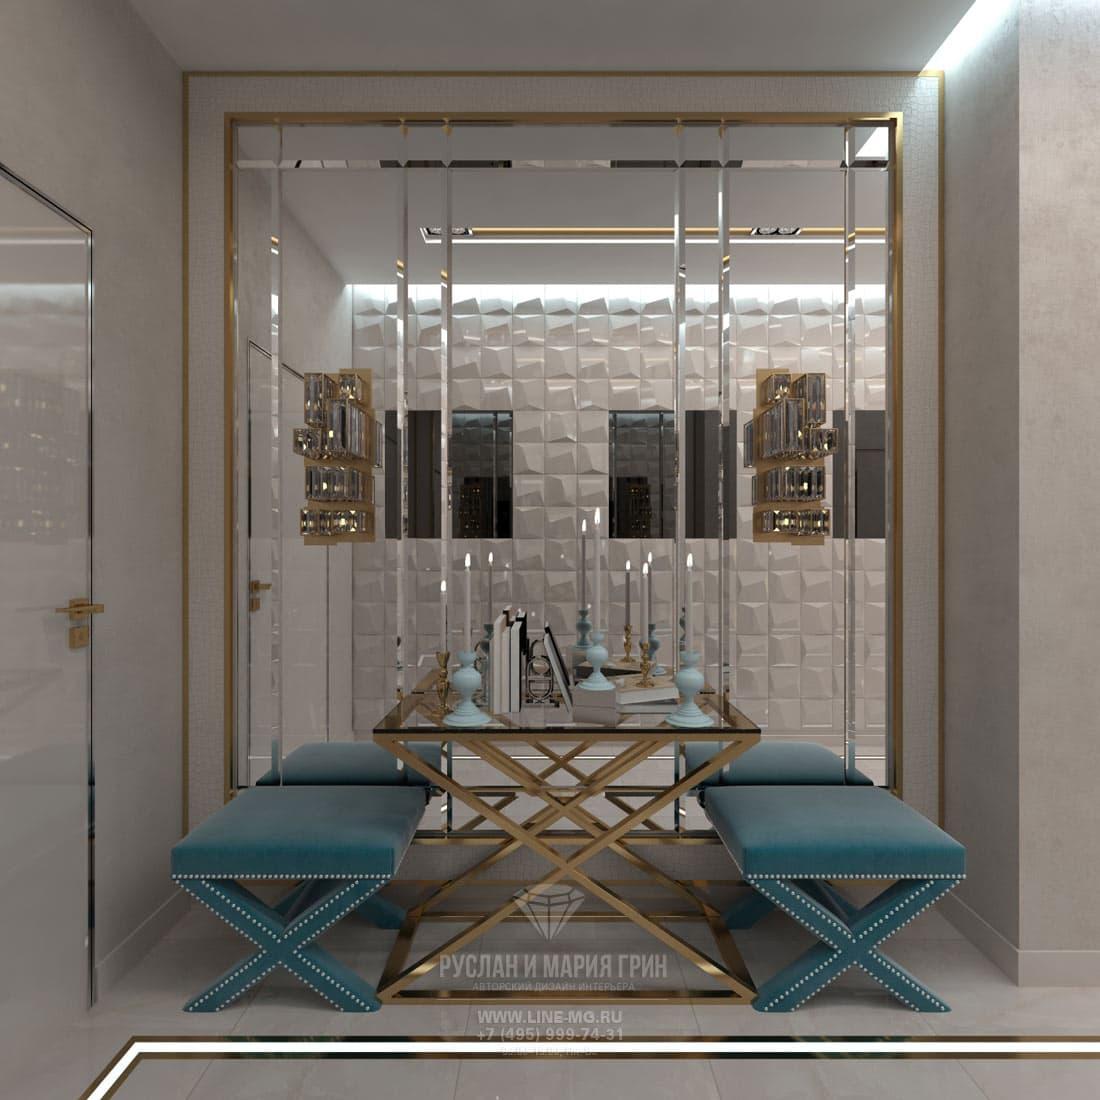 Дизайн красивой квартиры. Фото интерьера прихожей 2017